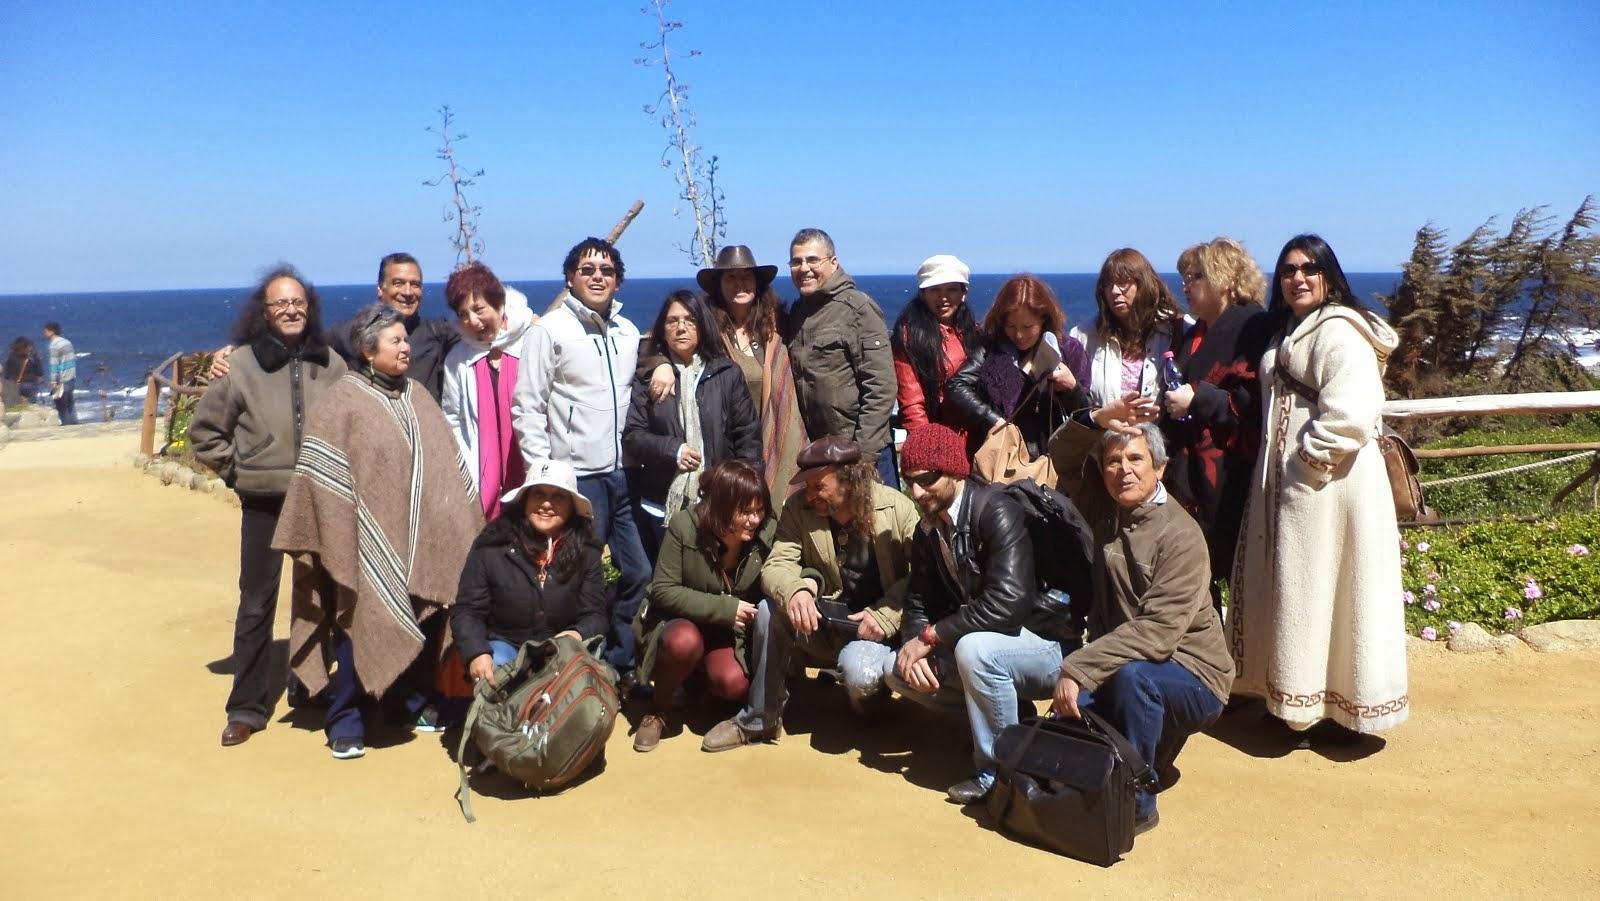 ENCUENTRO AIRES POÉTICOS organizado por Rossanna Arellana y Angel Salas en ISLA NEGRA